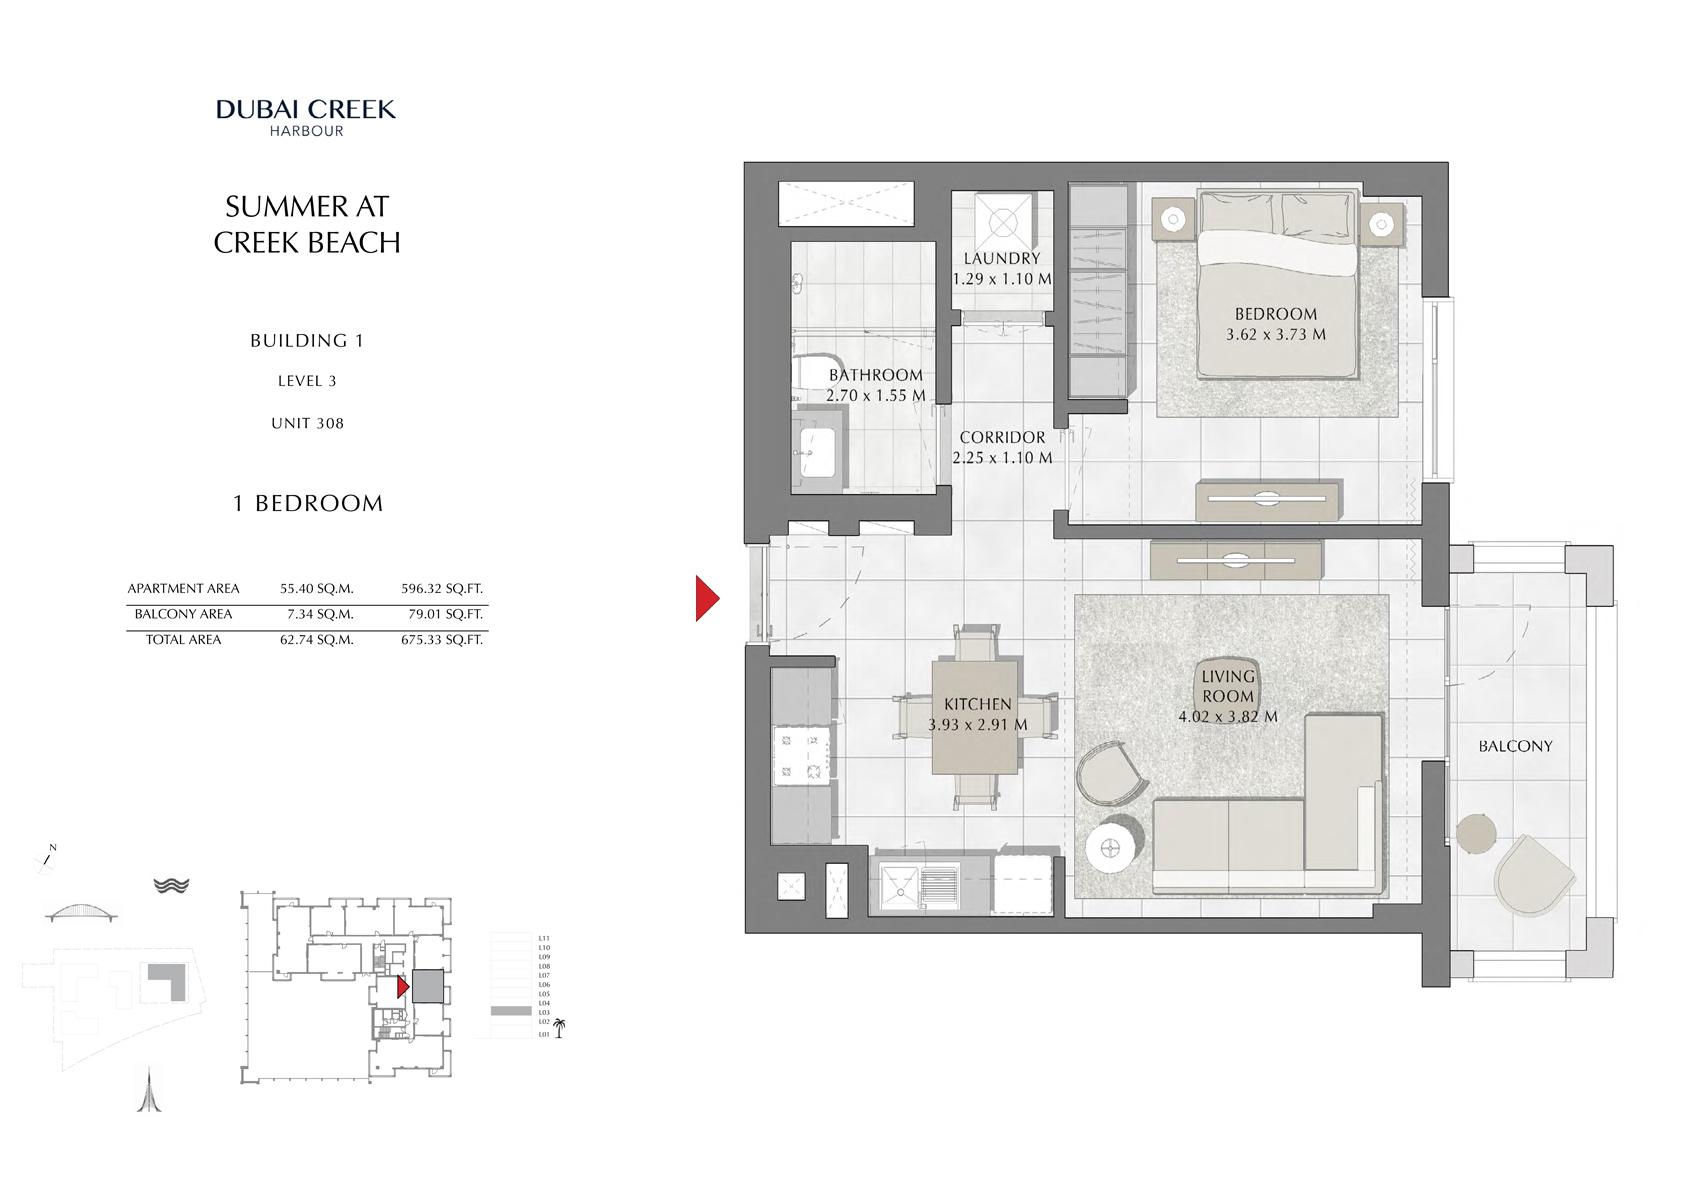 1 Br Building 1 Level 3 Unit 308, Size 675 Sq Ft